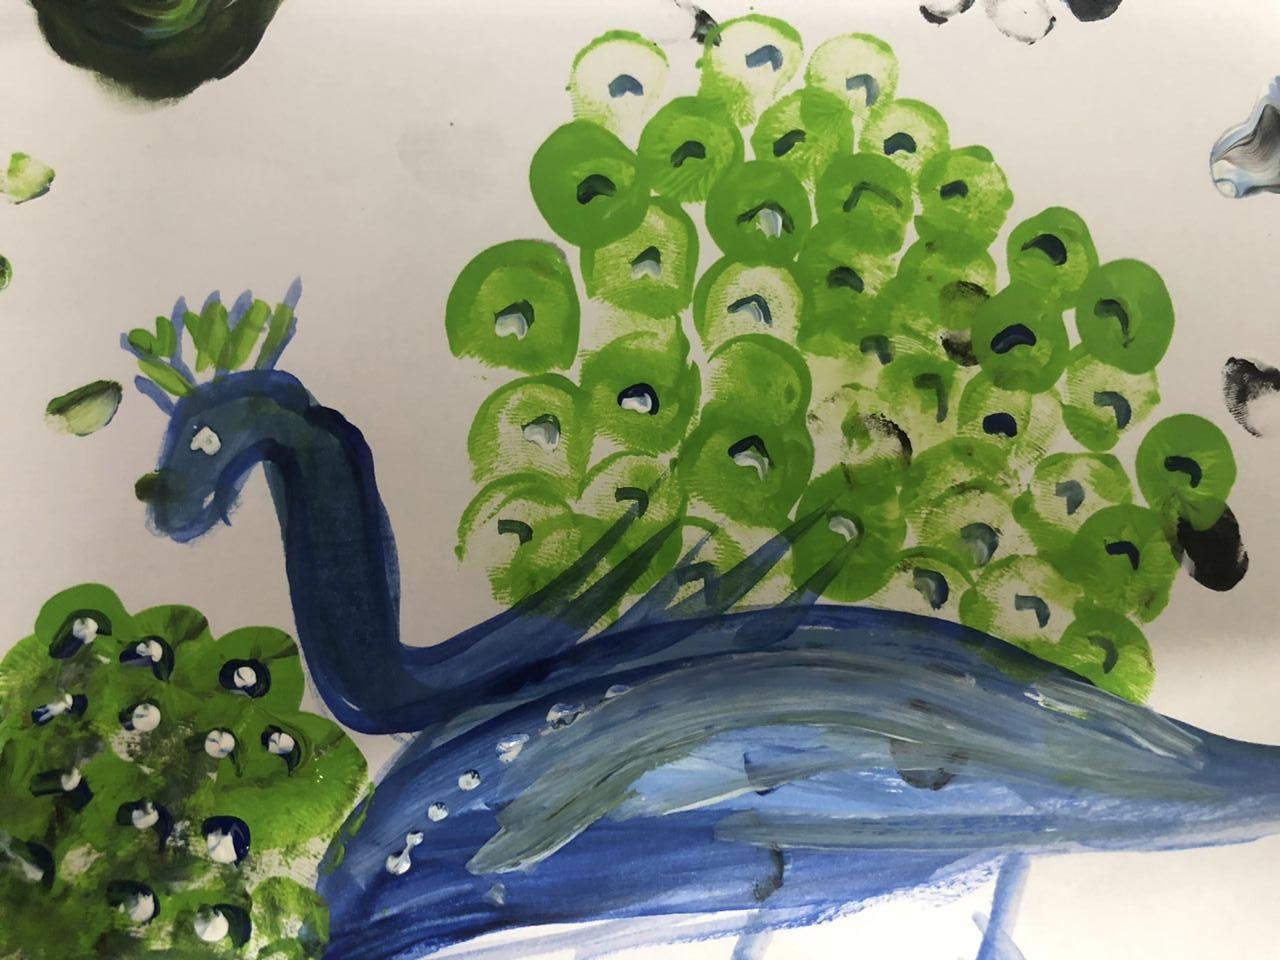 Peacock painting by Praneeta Mishra